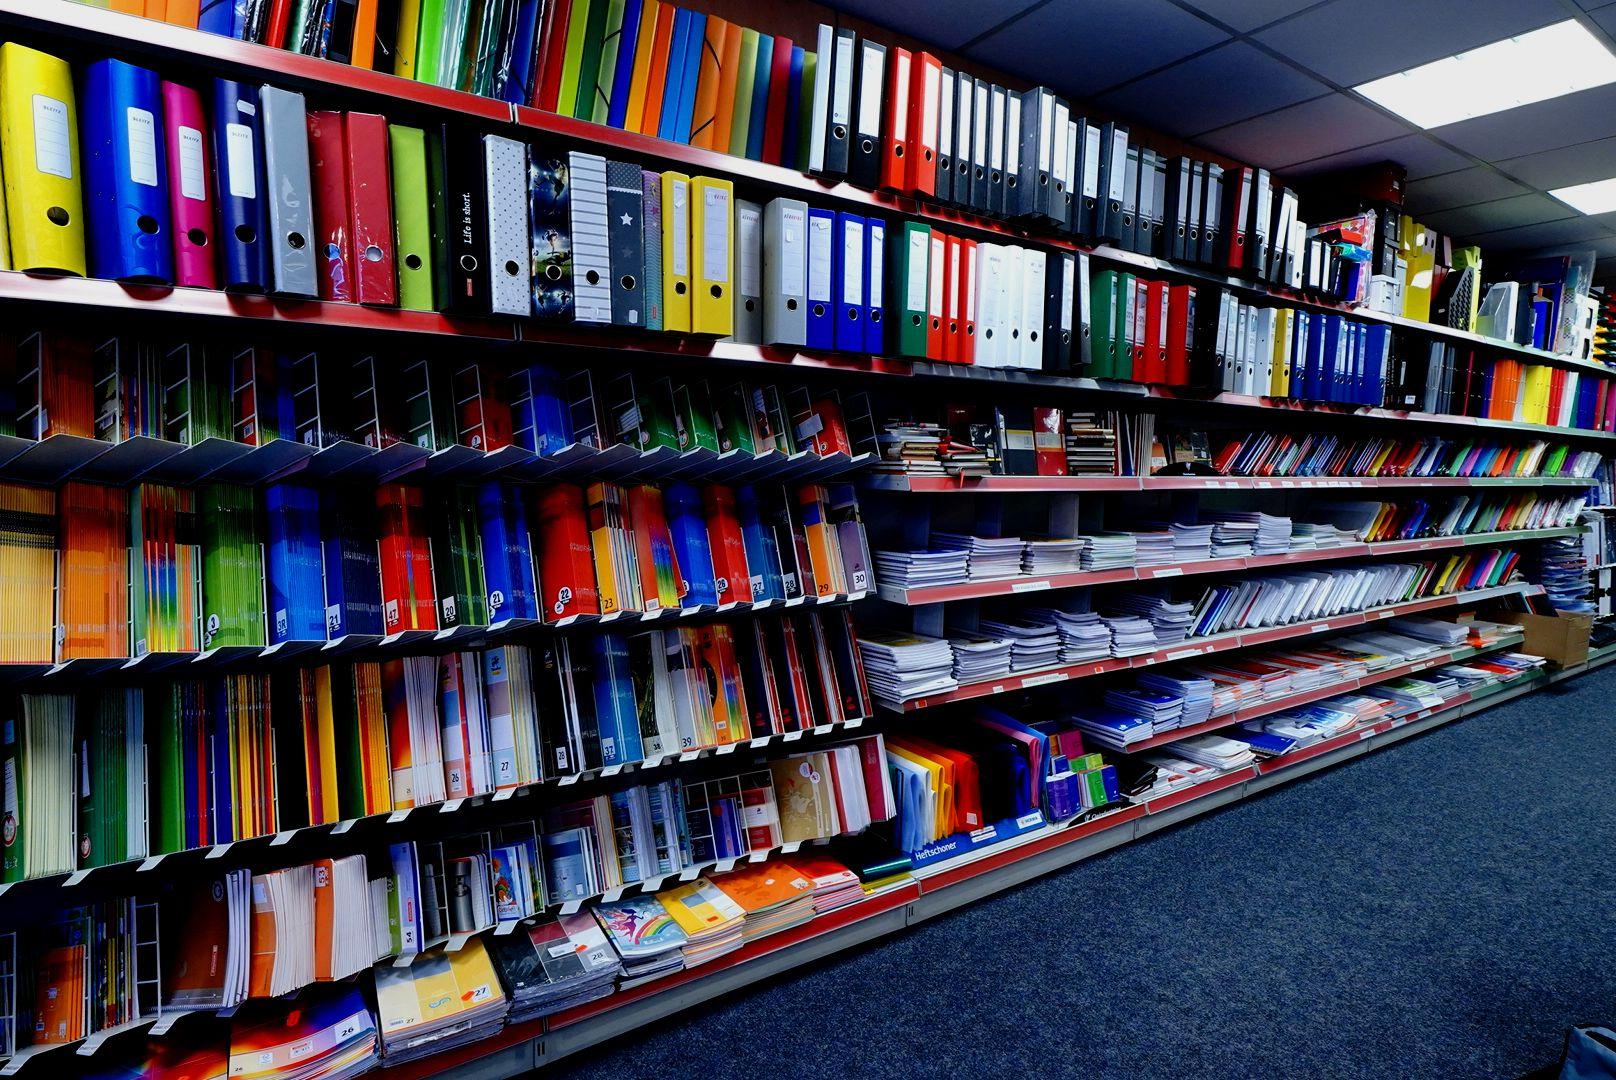 Klecks Fachgeschäft für Büro, Schule, Bücher